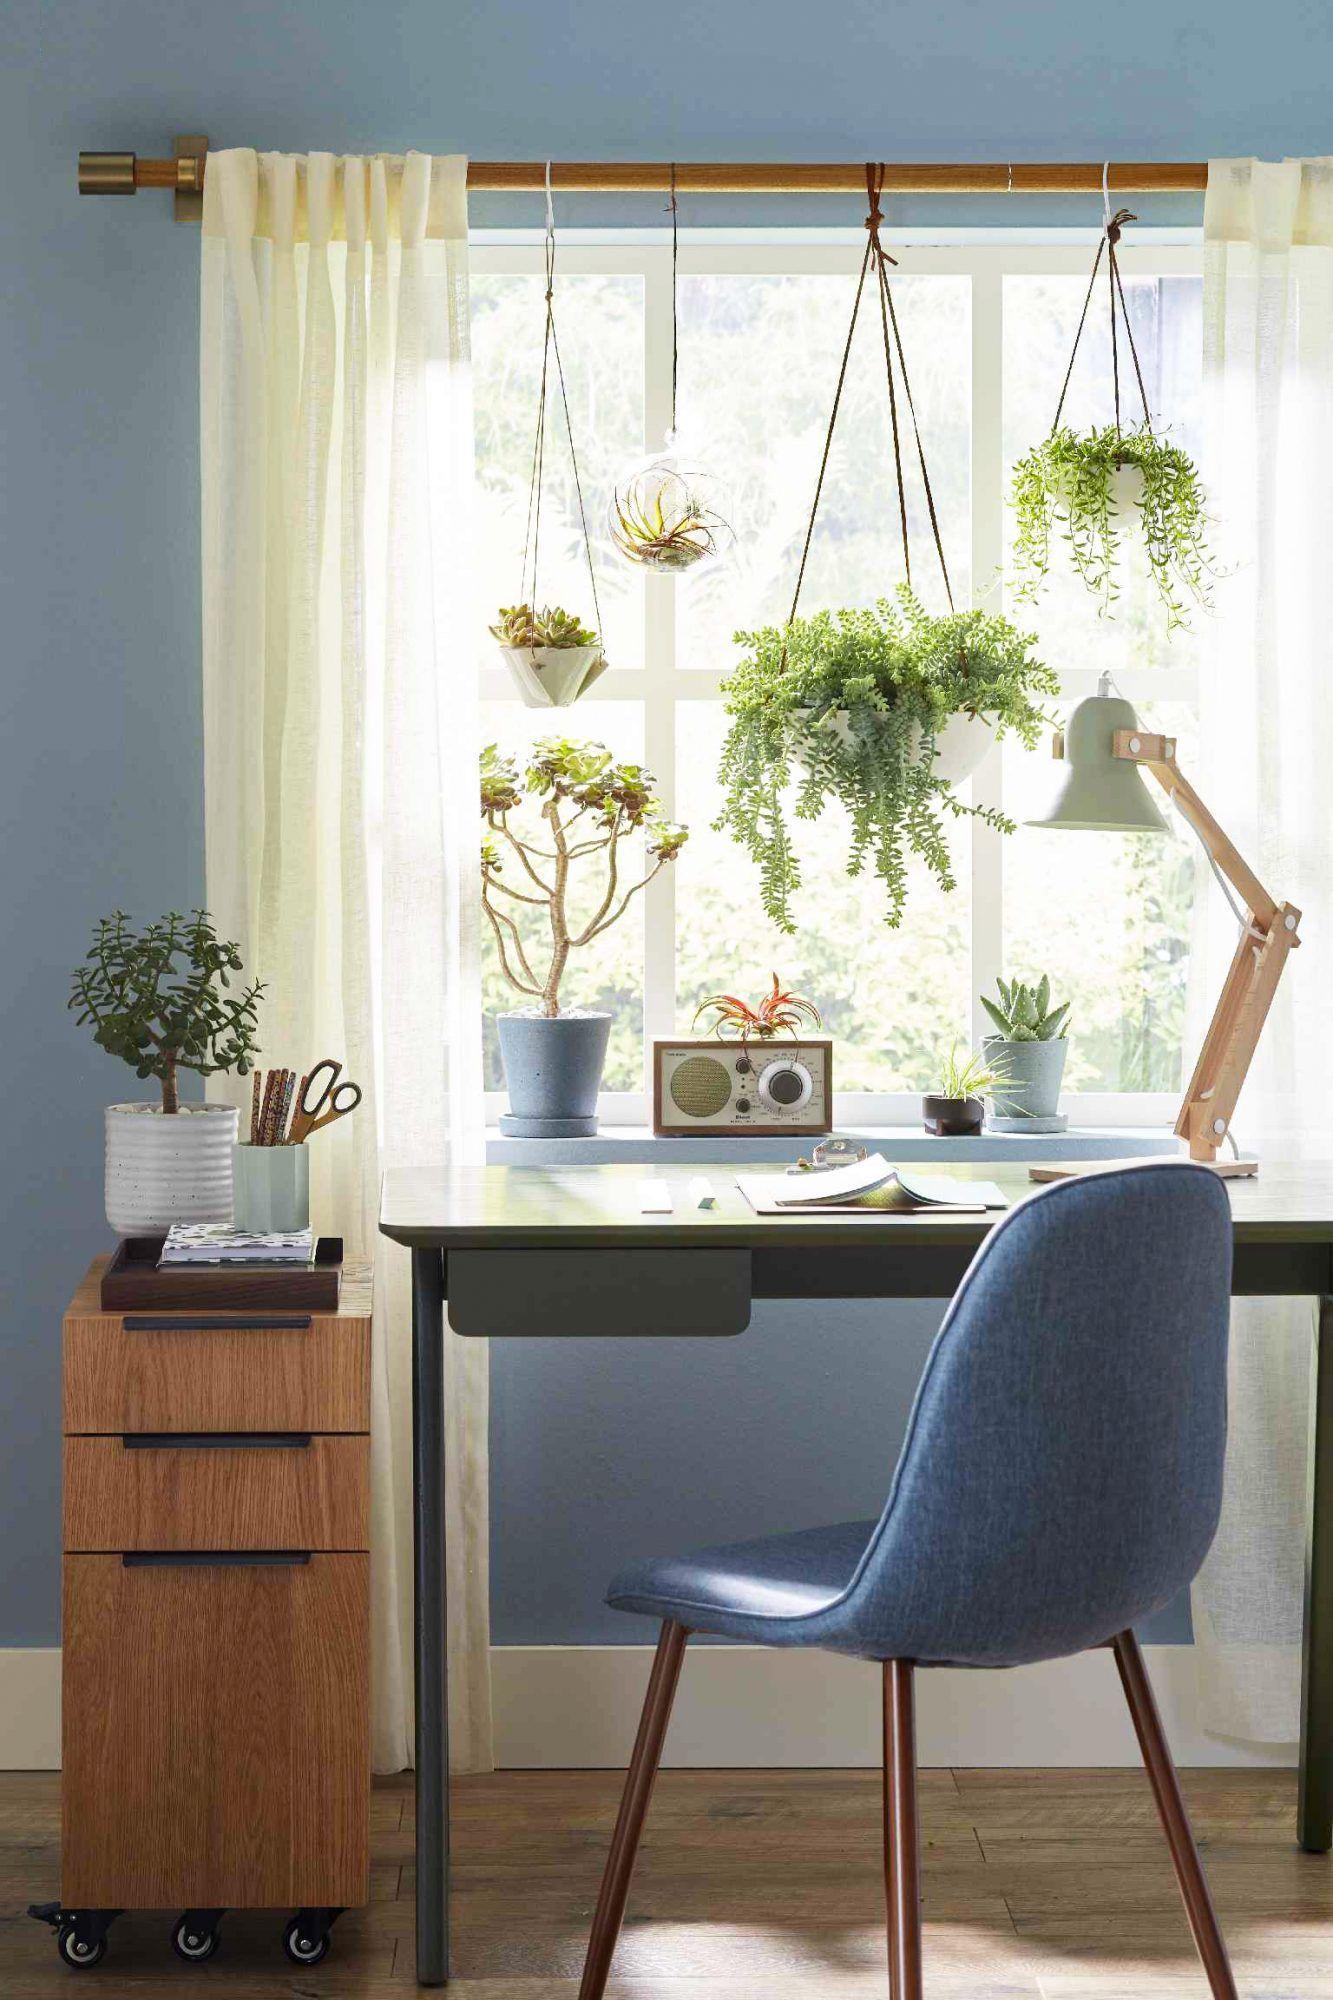 Your Own Indoor Herb Kitchen Garden In 2020 Indoor Garden Rooms Garden Room Plant Decor Indoor